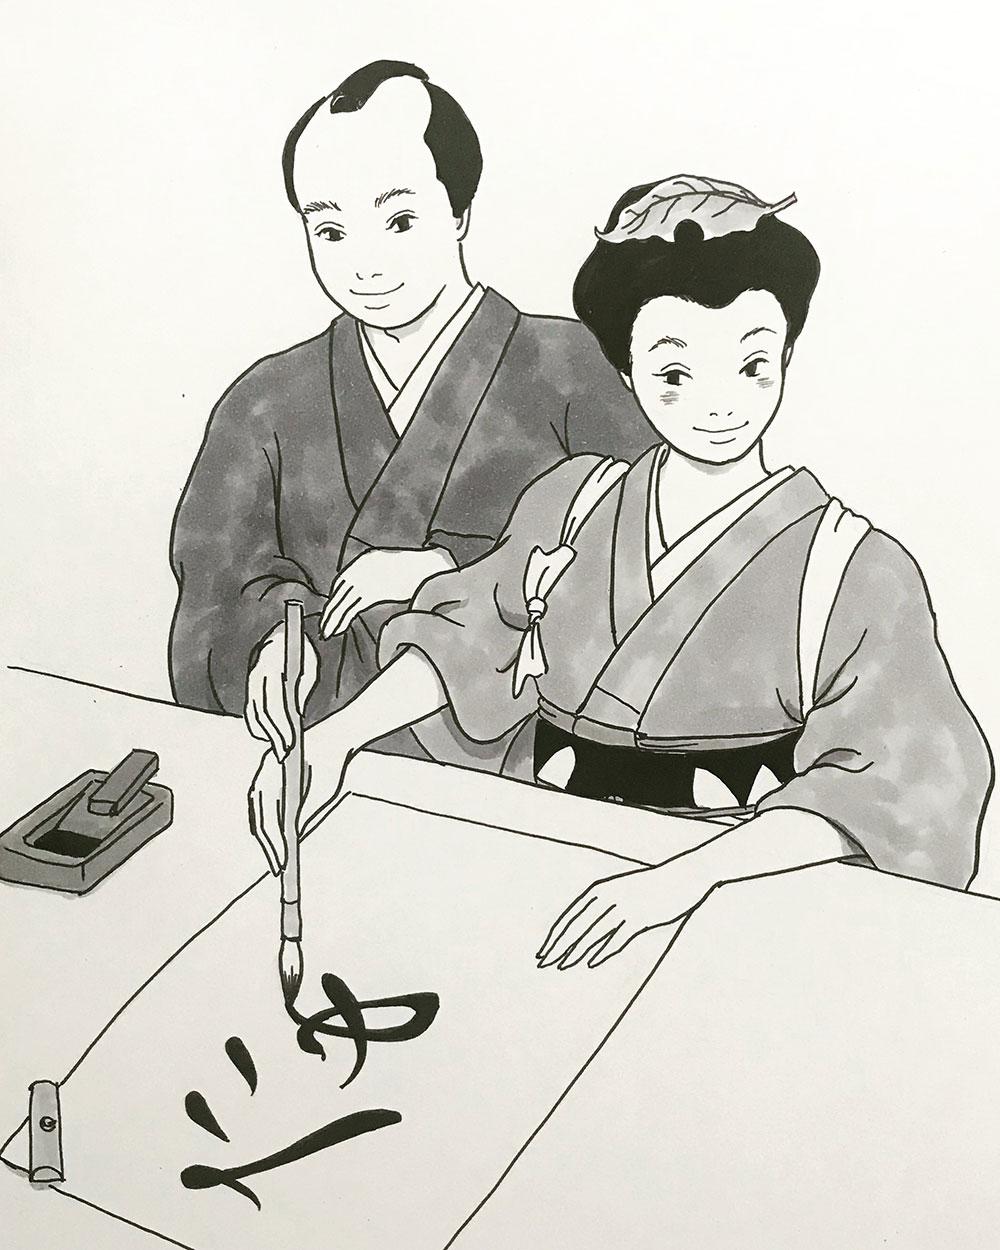 狸娘 手習師匠に惚れる TANUKI